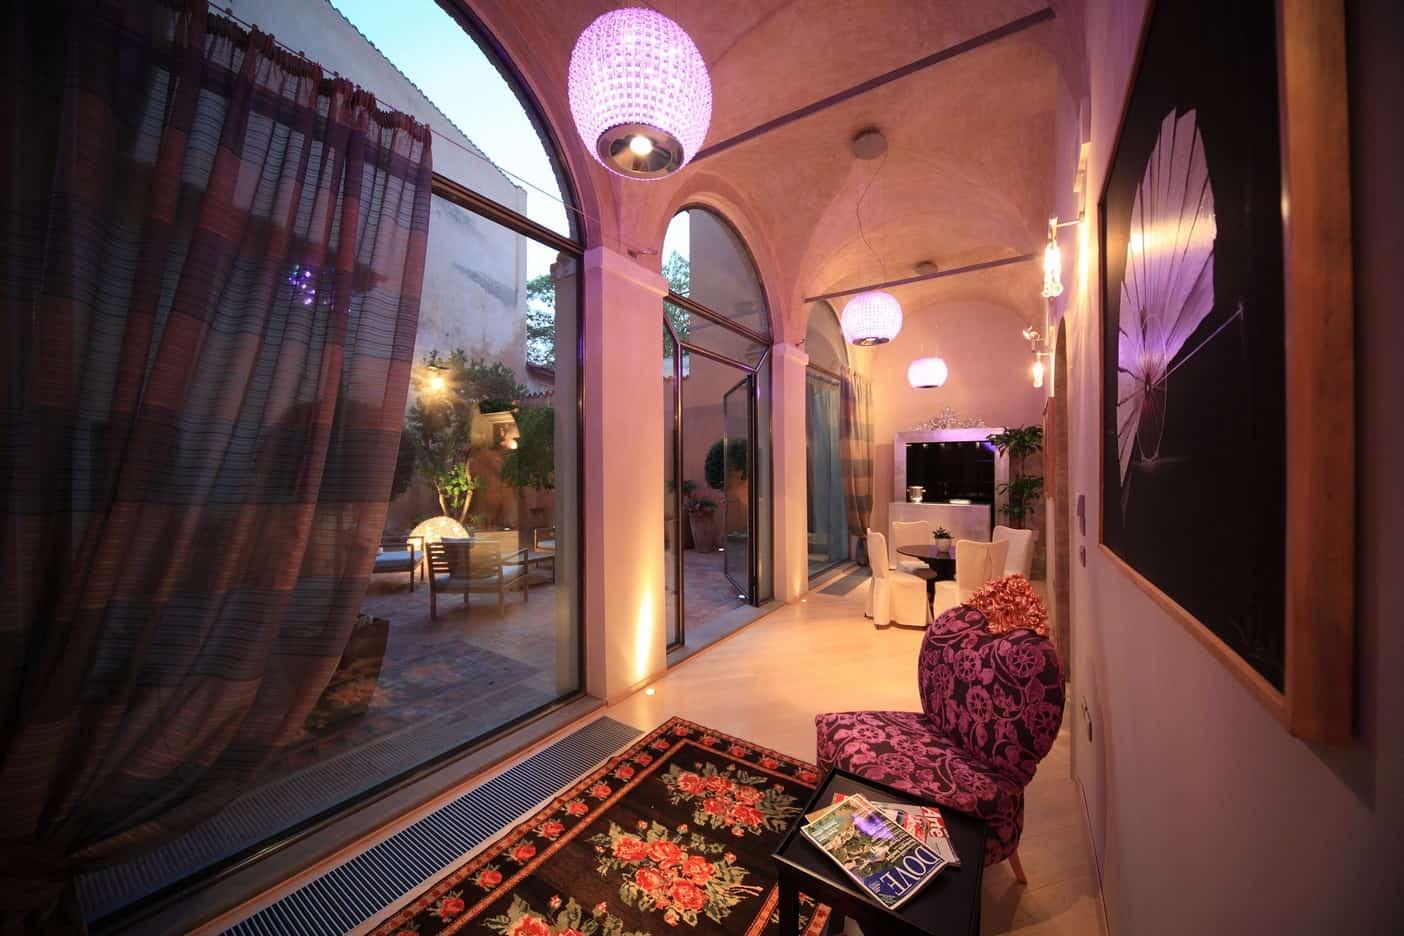 Hotel Fabriano Albergo centro pernottamento camere suite lavoro svago vacanza confort